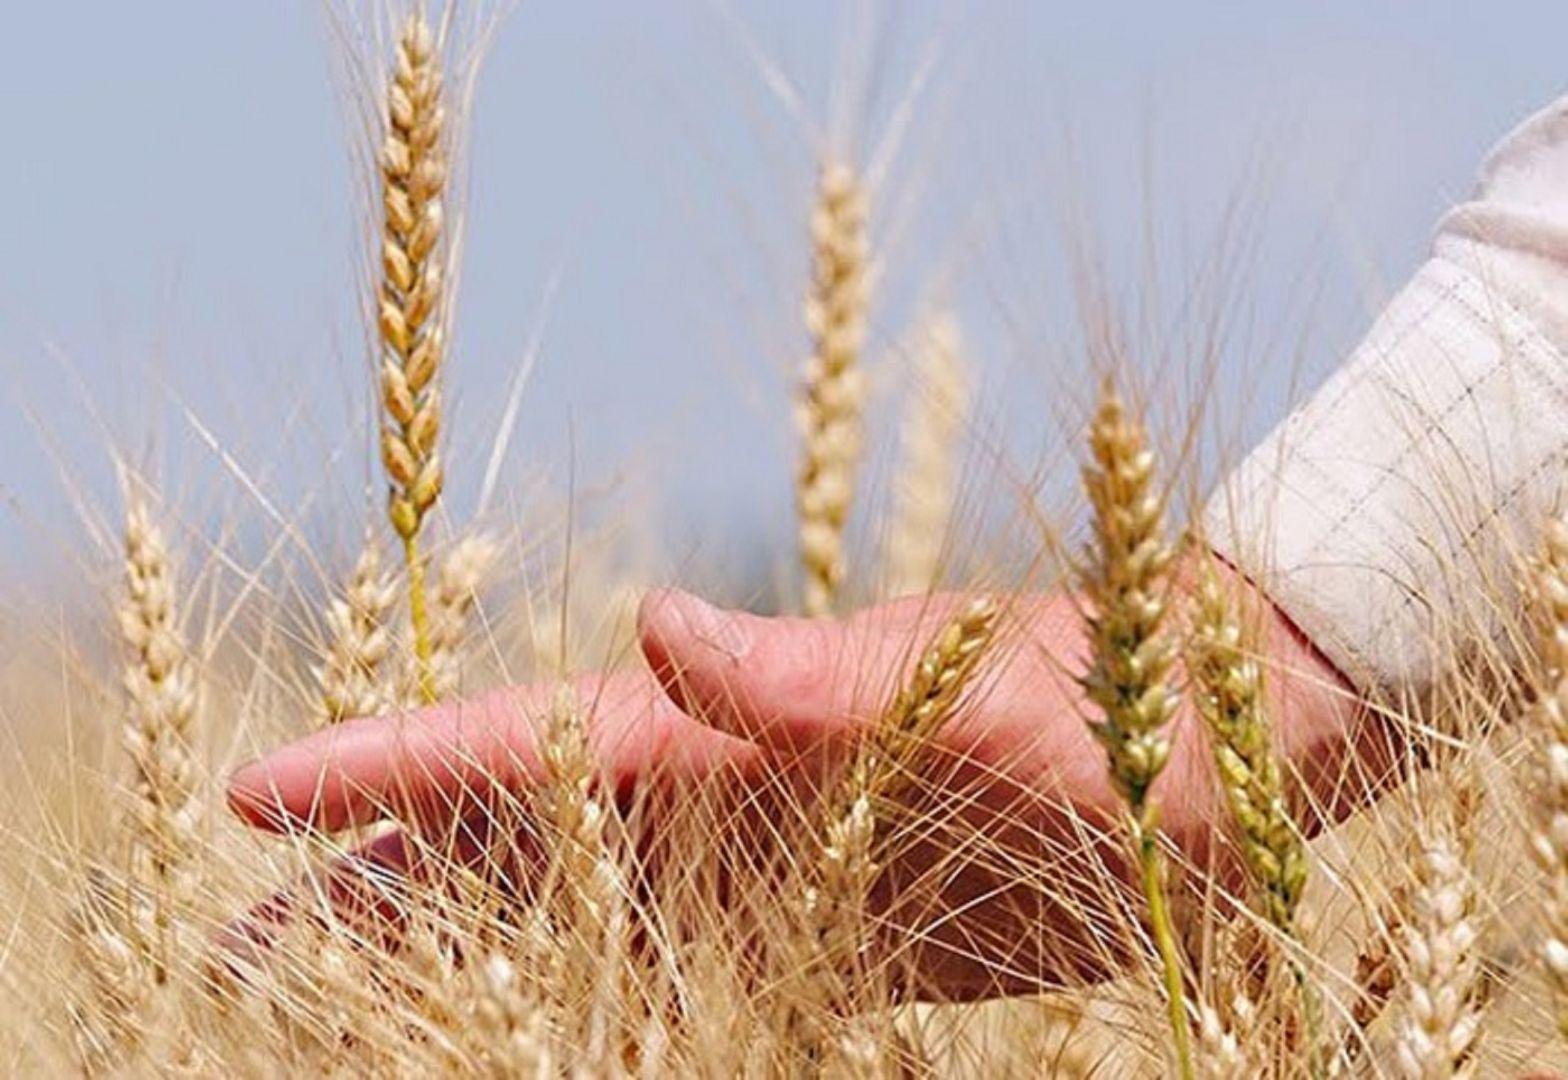 Губернатор Ставрополья поздравил работников сельского хозяйства и перерабатывающей промышленности с профессиональным праздником